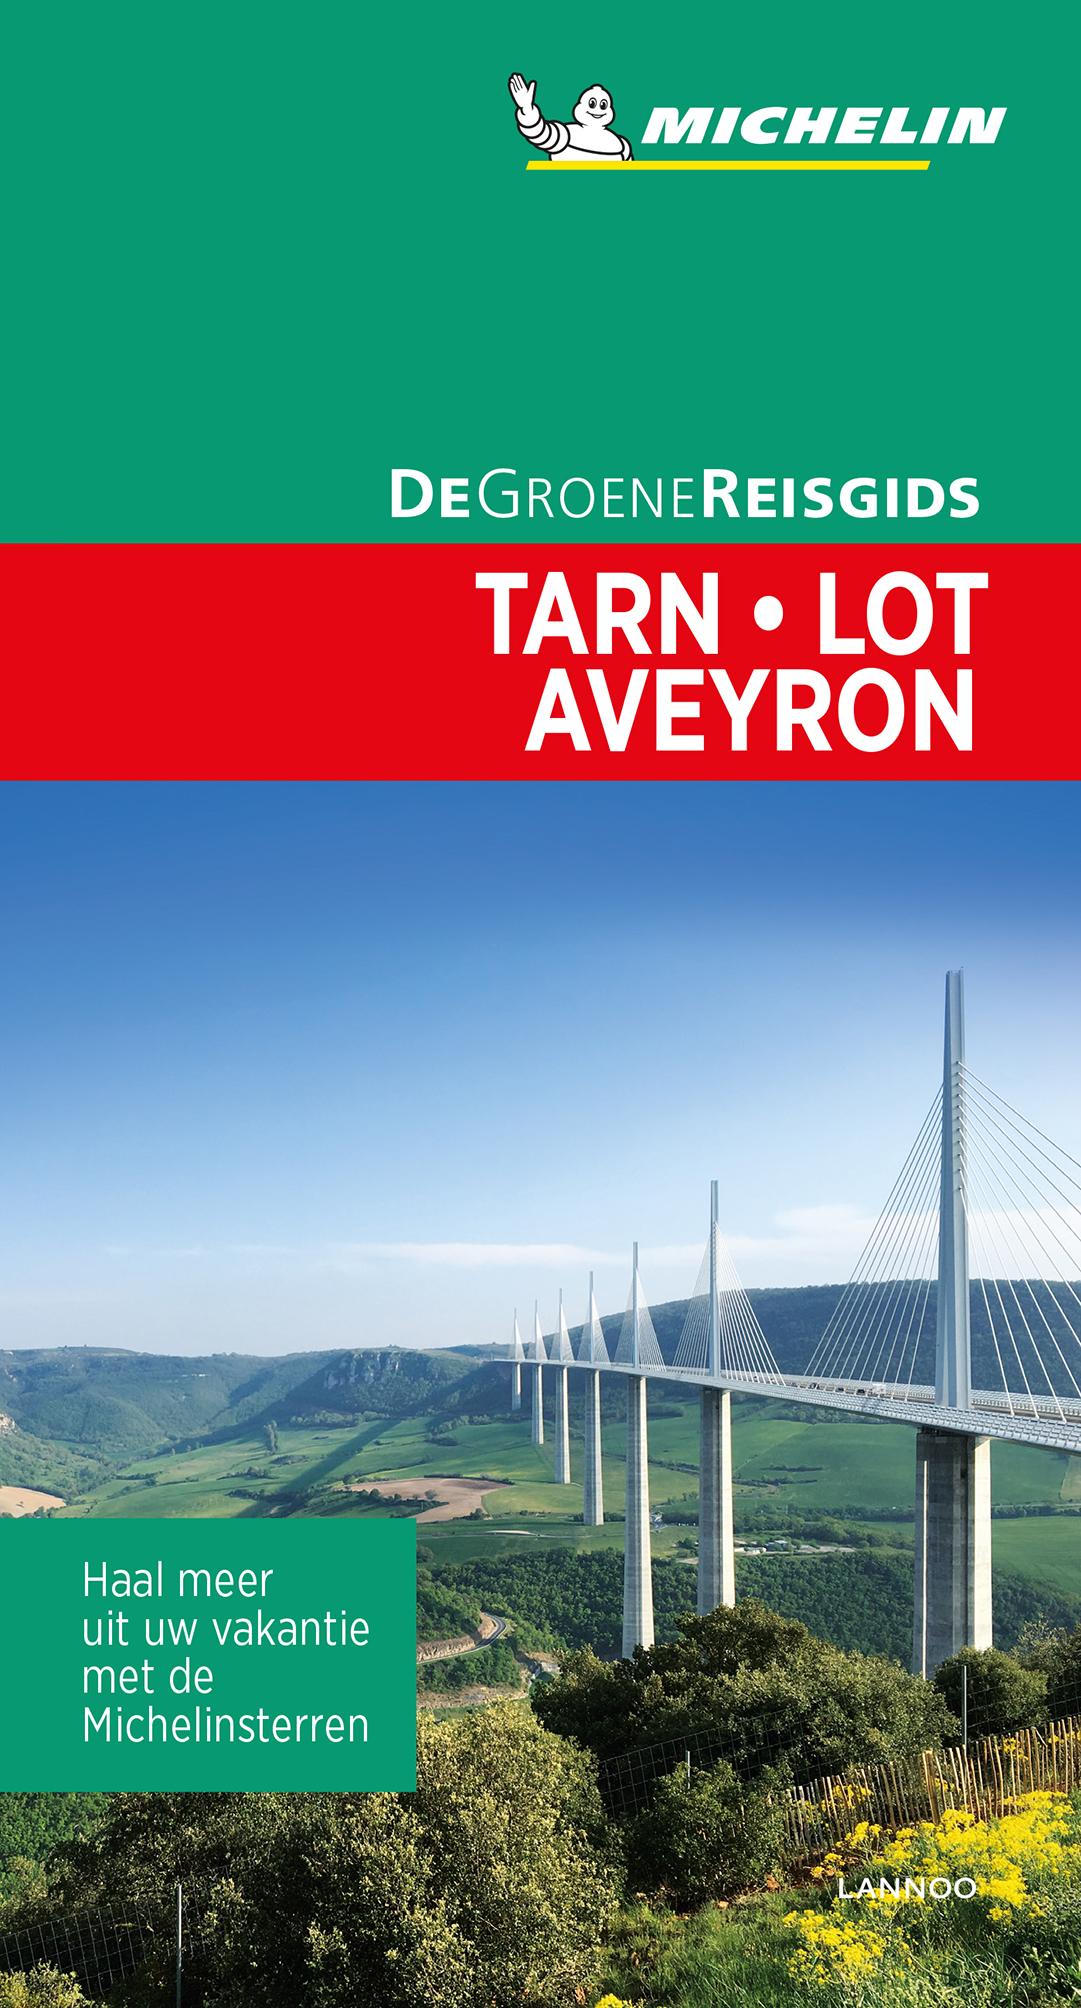 Tarn, Lot, Aveyron | Michelin reisgids 9789401457156  Michelin Michelin Groene gidsen  Reisgidsen Lot, Tarn, Toulouse